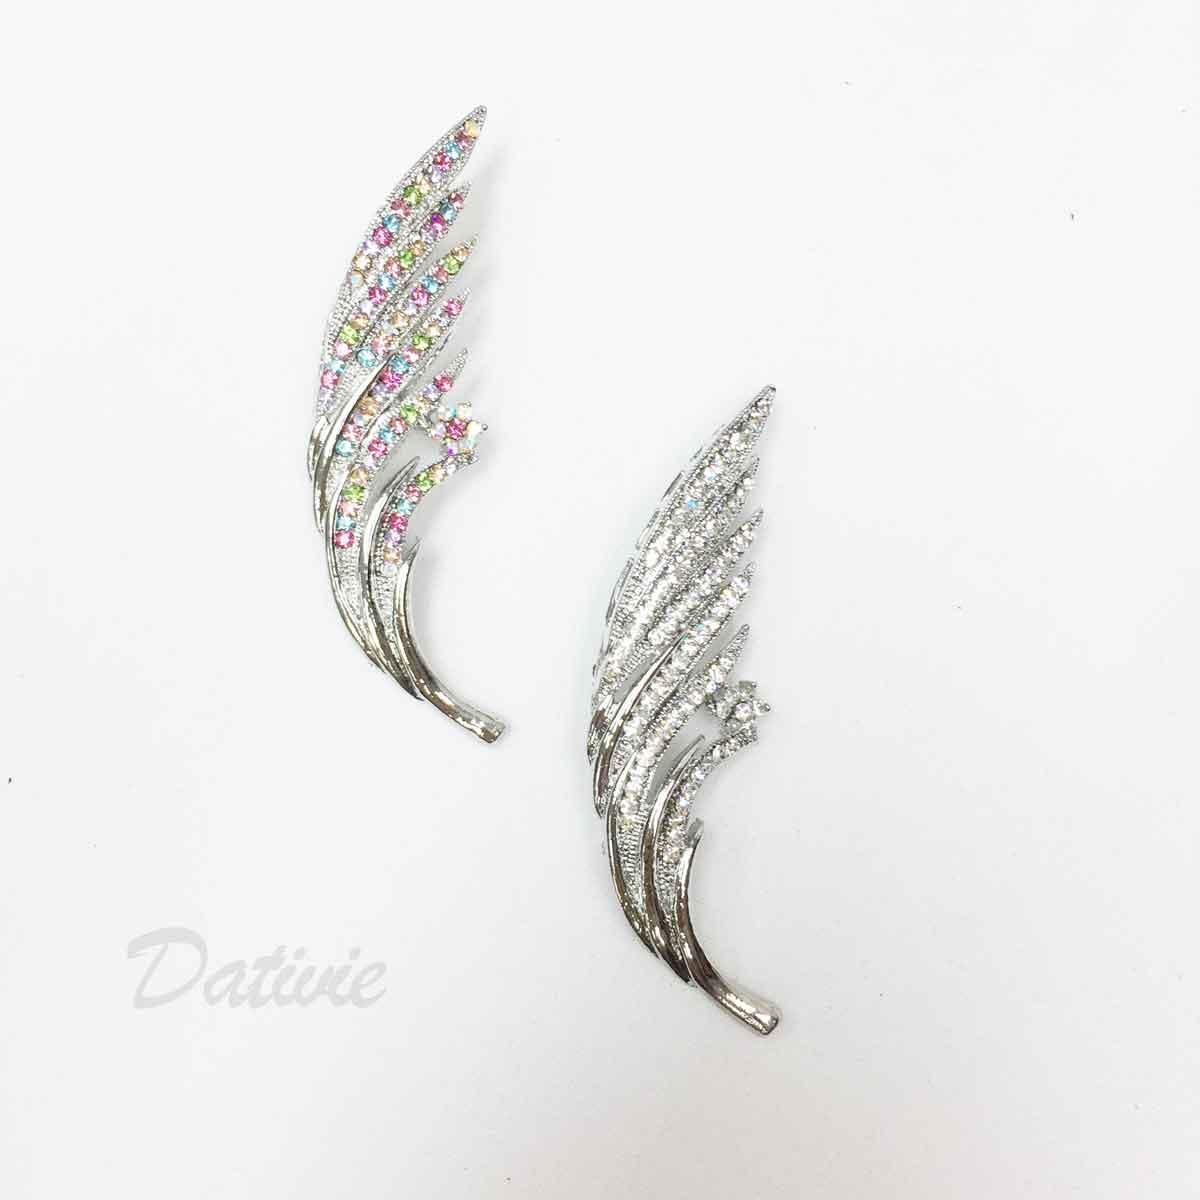 羽毛 翅膀 小花 水鑽 彩鑽 兩色 單個 胸針